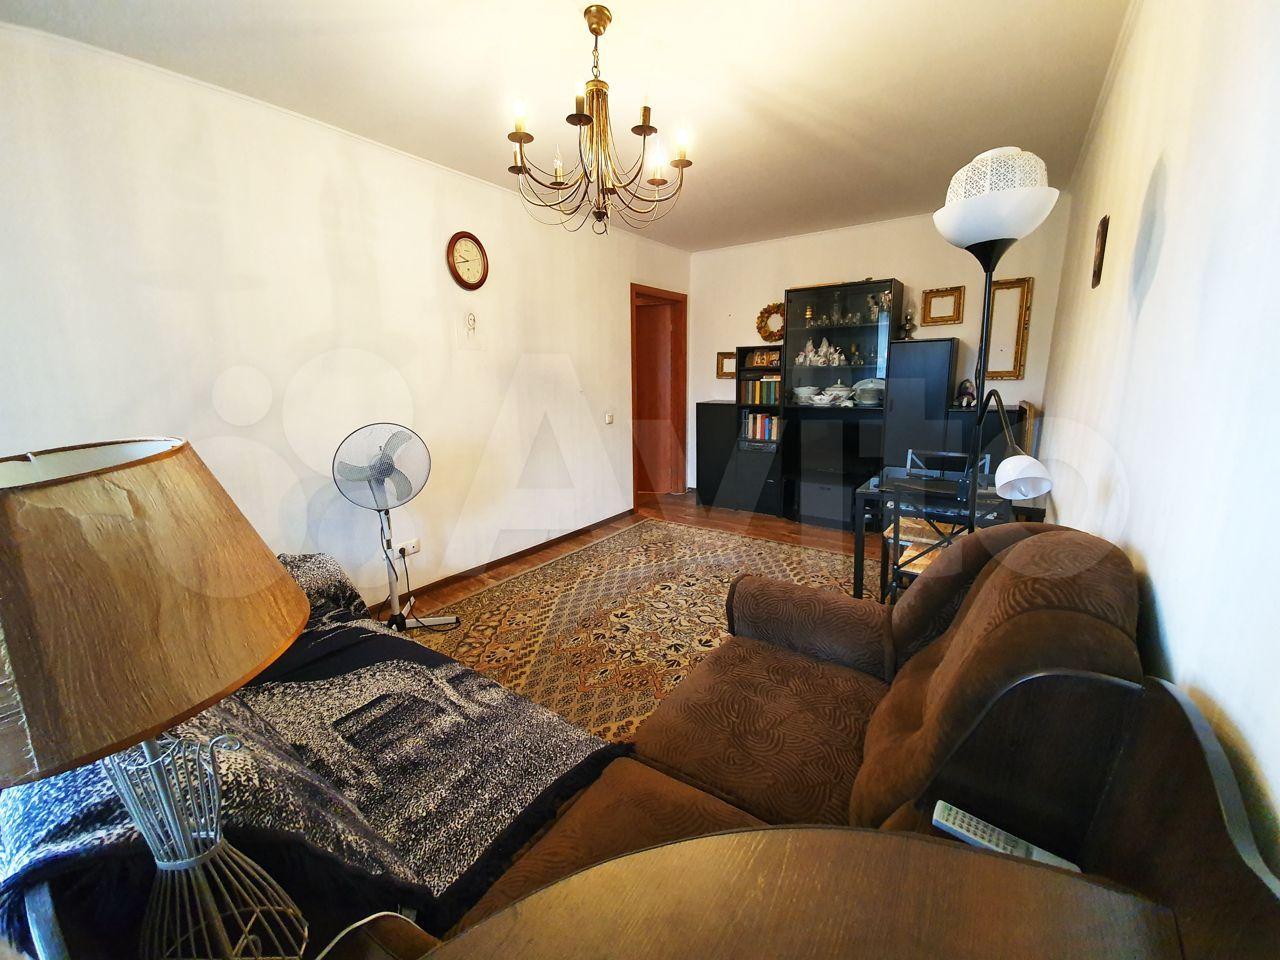 2-к квартира, 41.9 м², 5/5 эт.  89029980101 купить 6